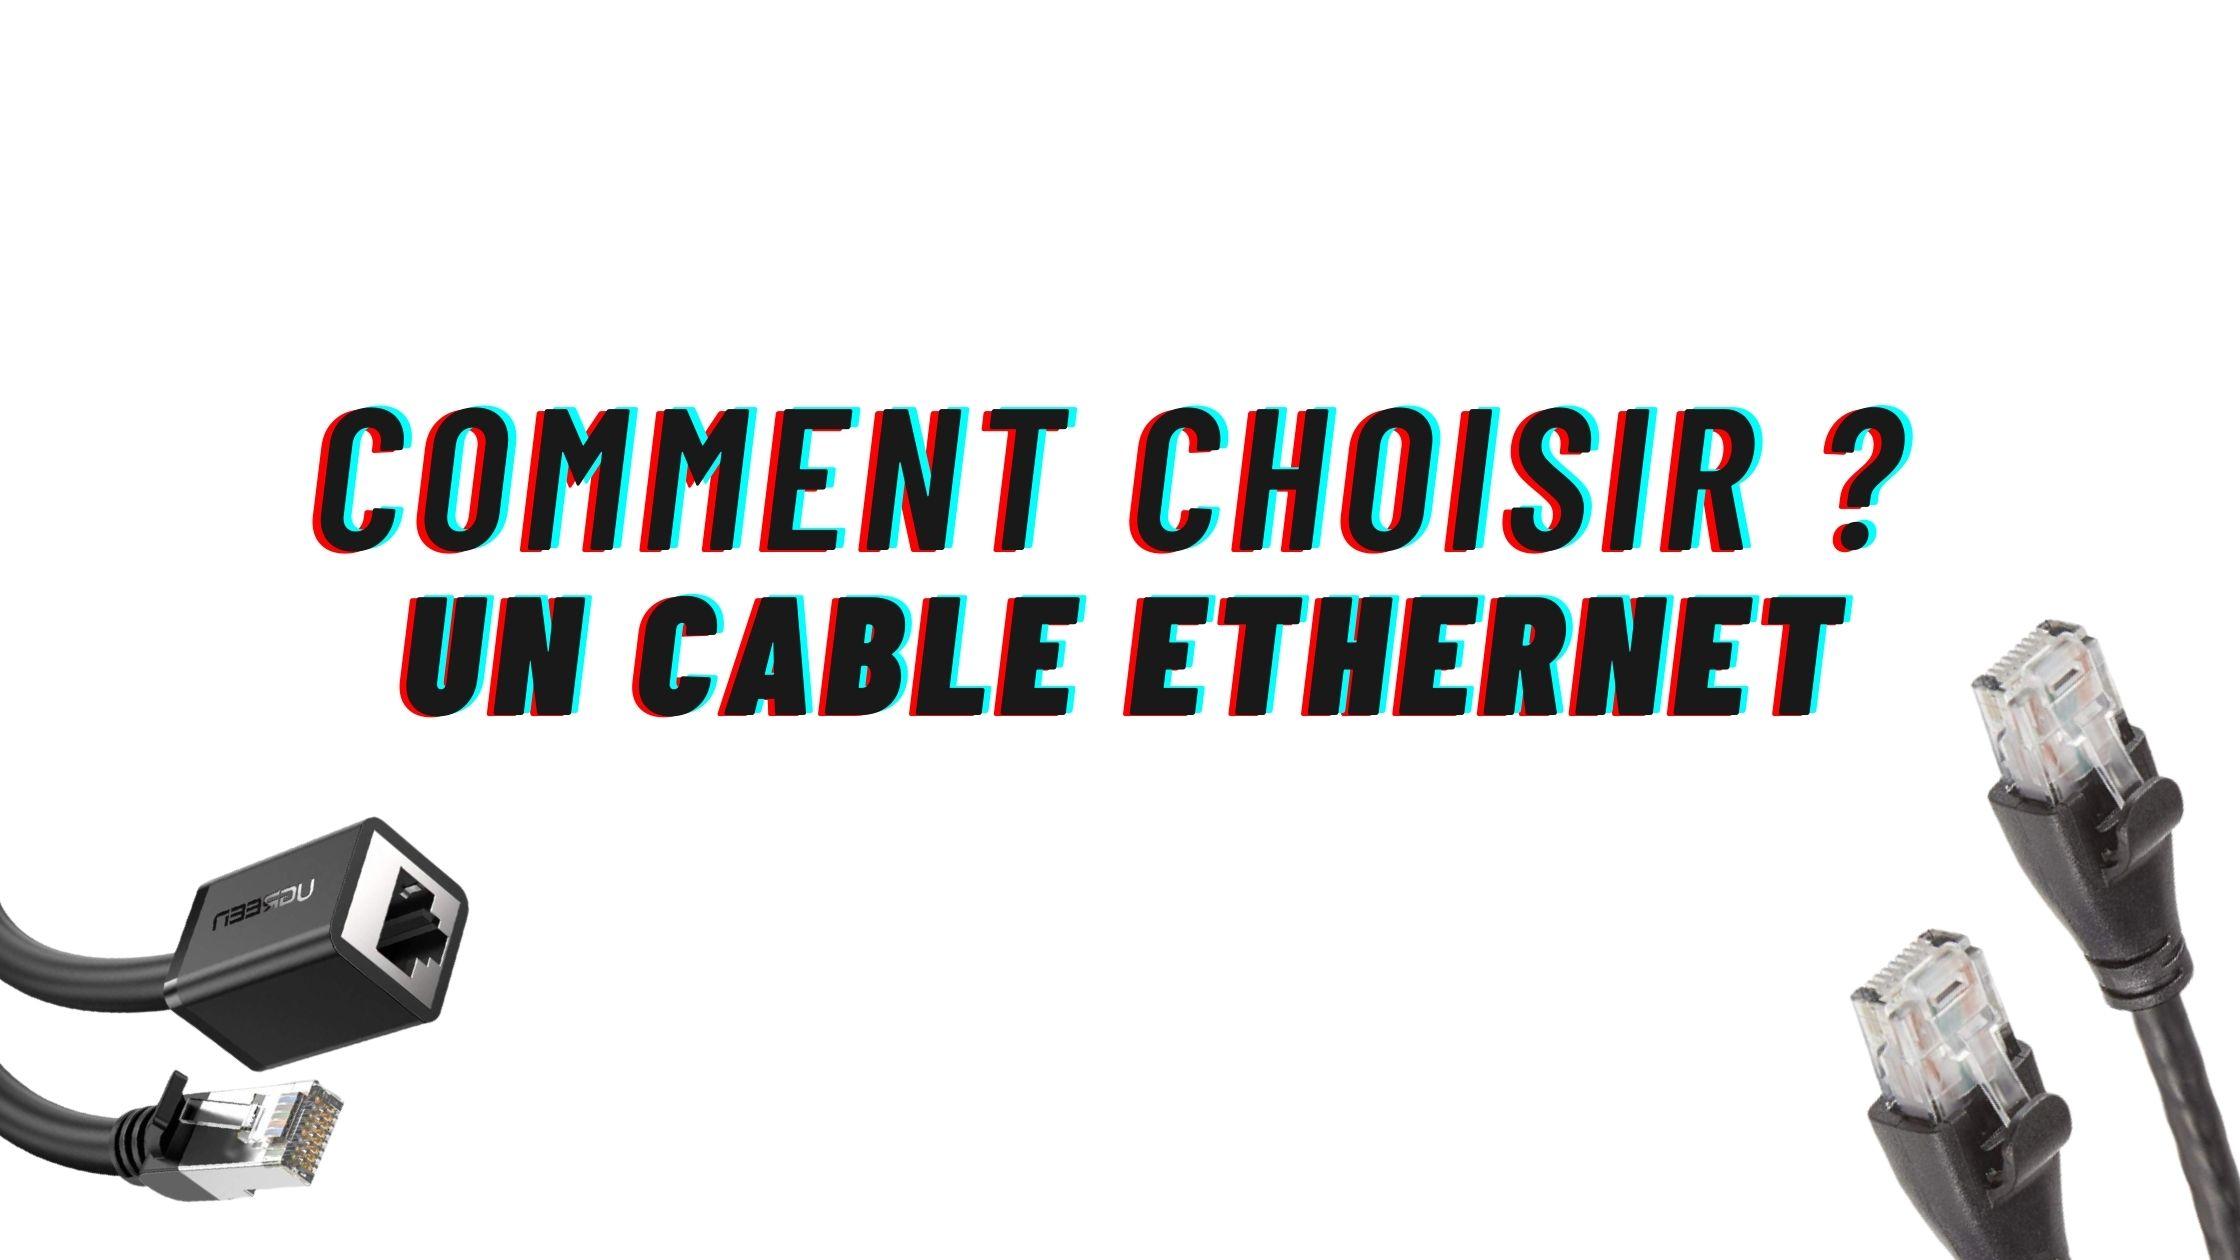 comment choisir un cable ethernet